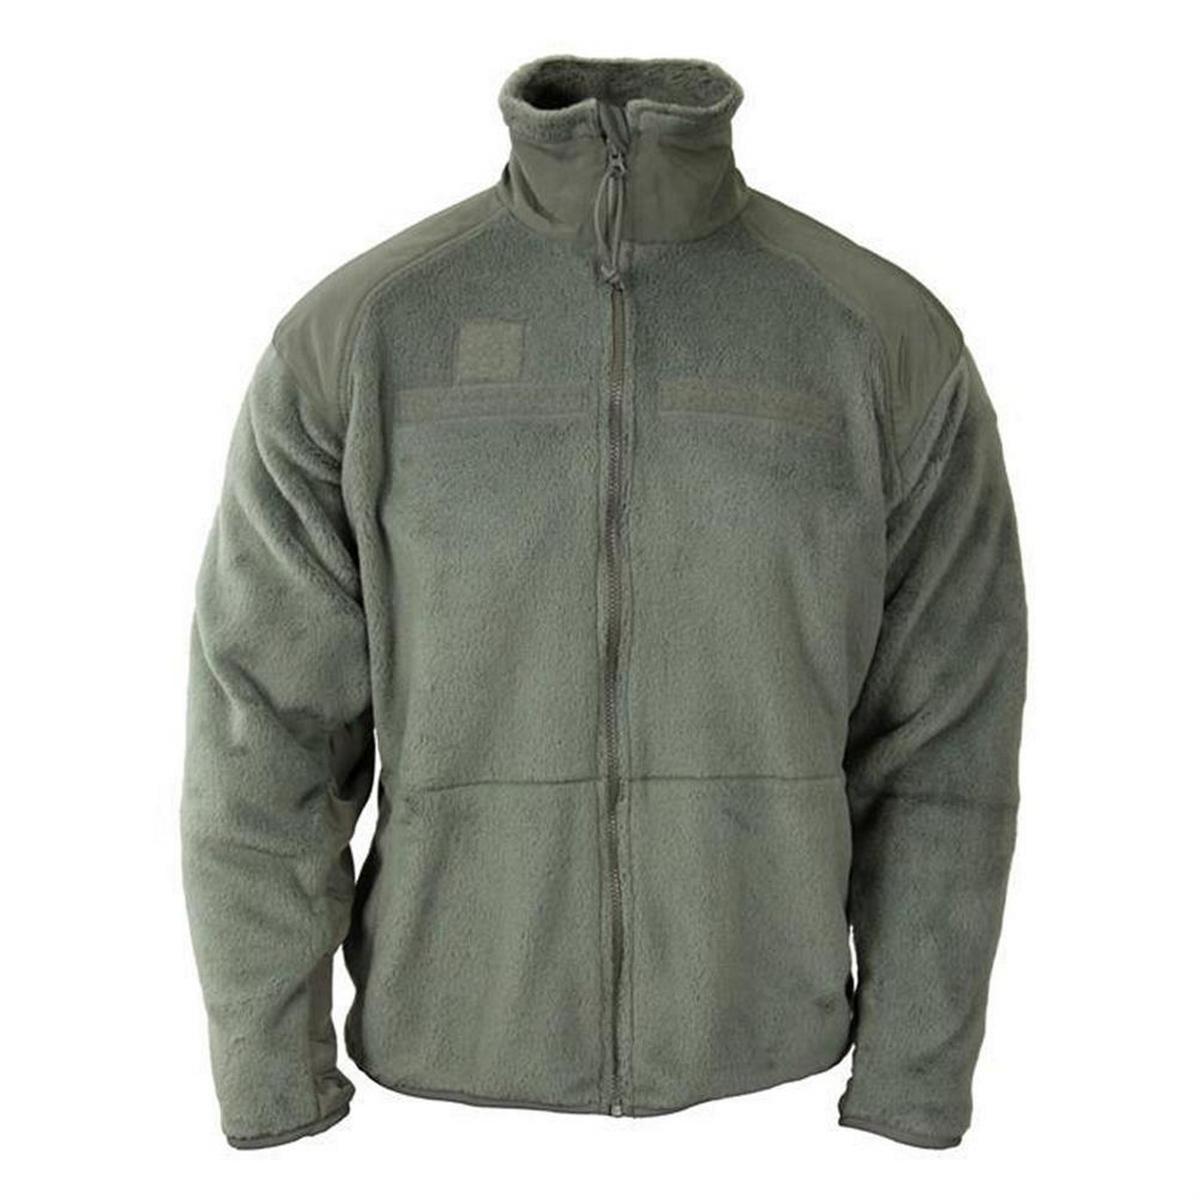 Genuine Military Gen III Level 3 ECWCS Medium Long Fleece Jacket Foilage by DSCP